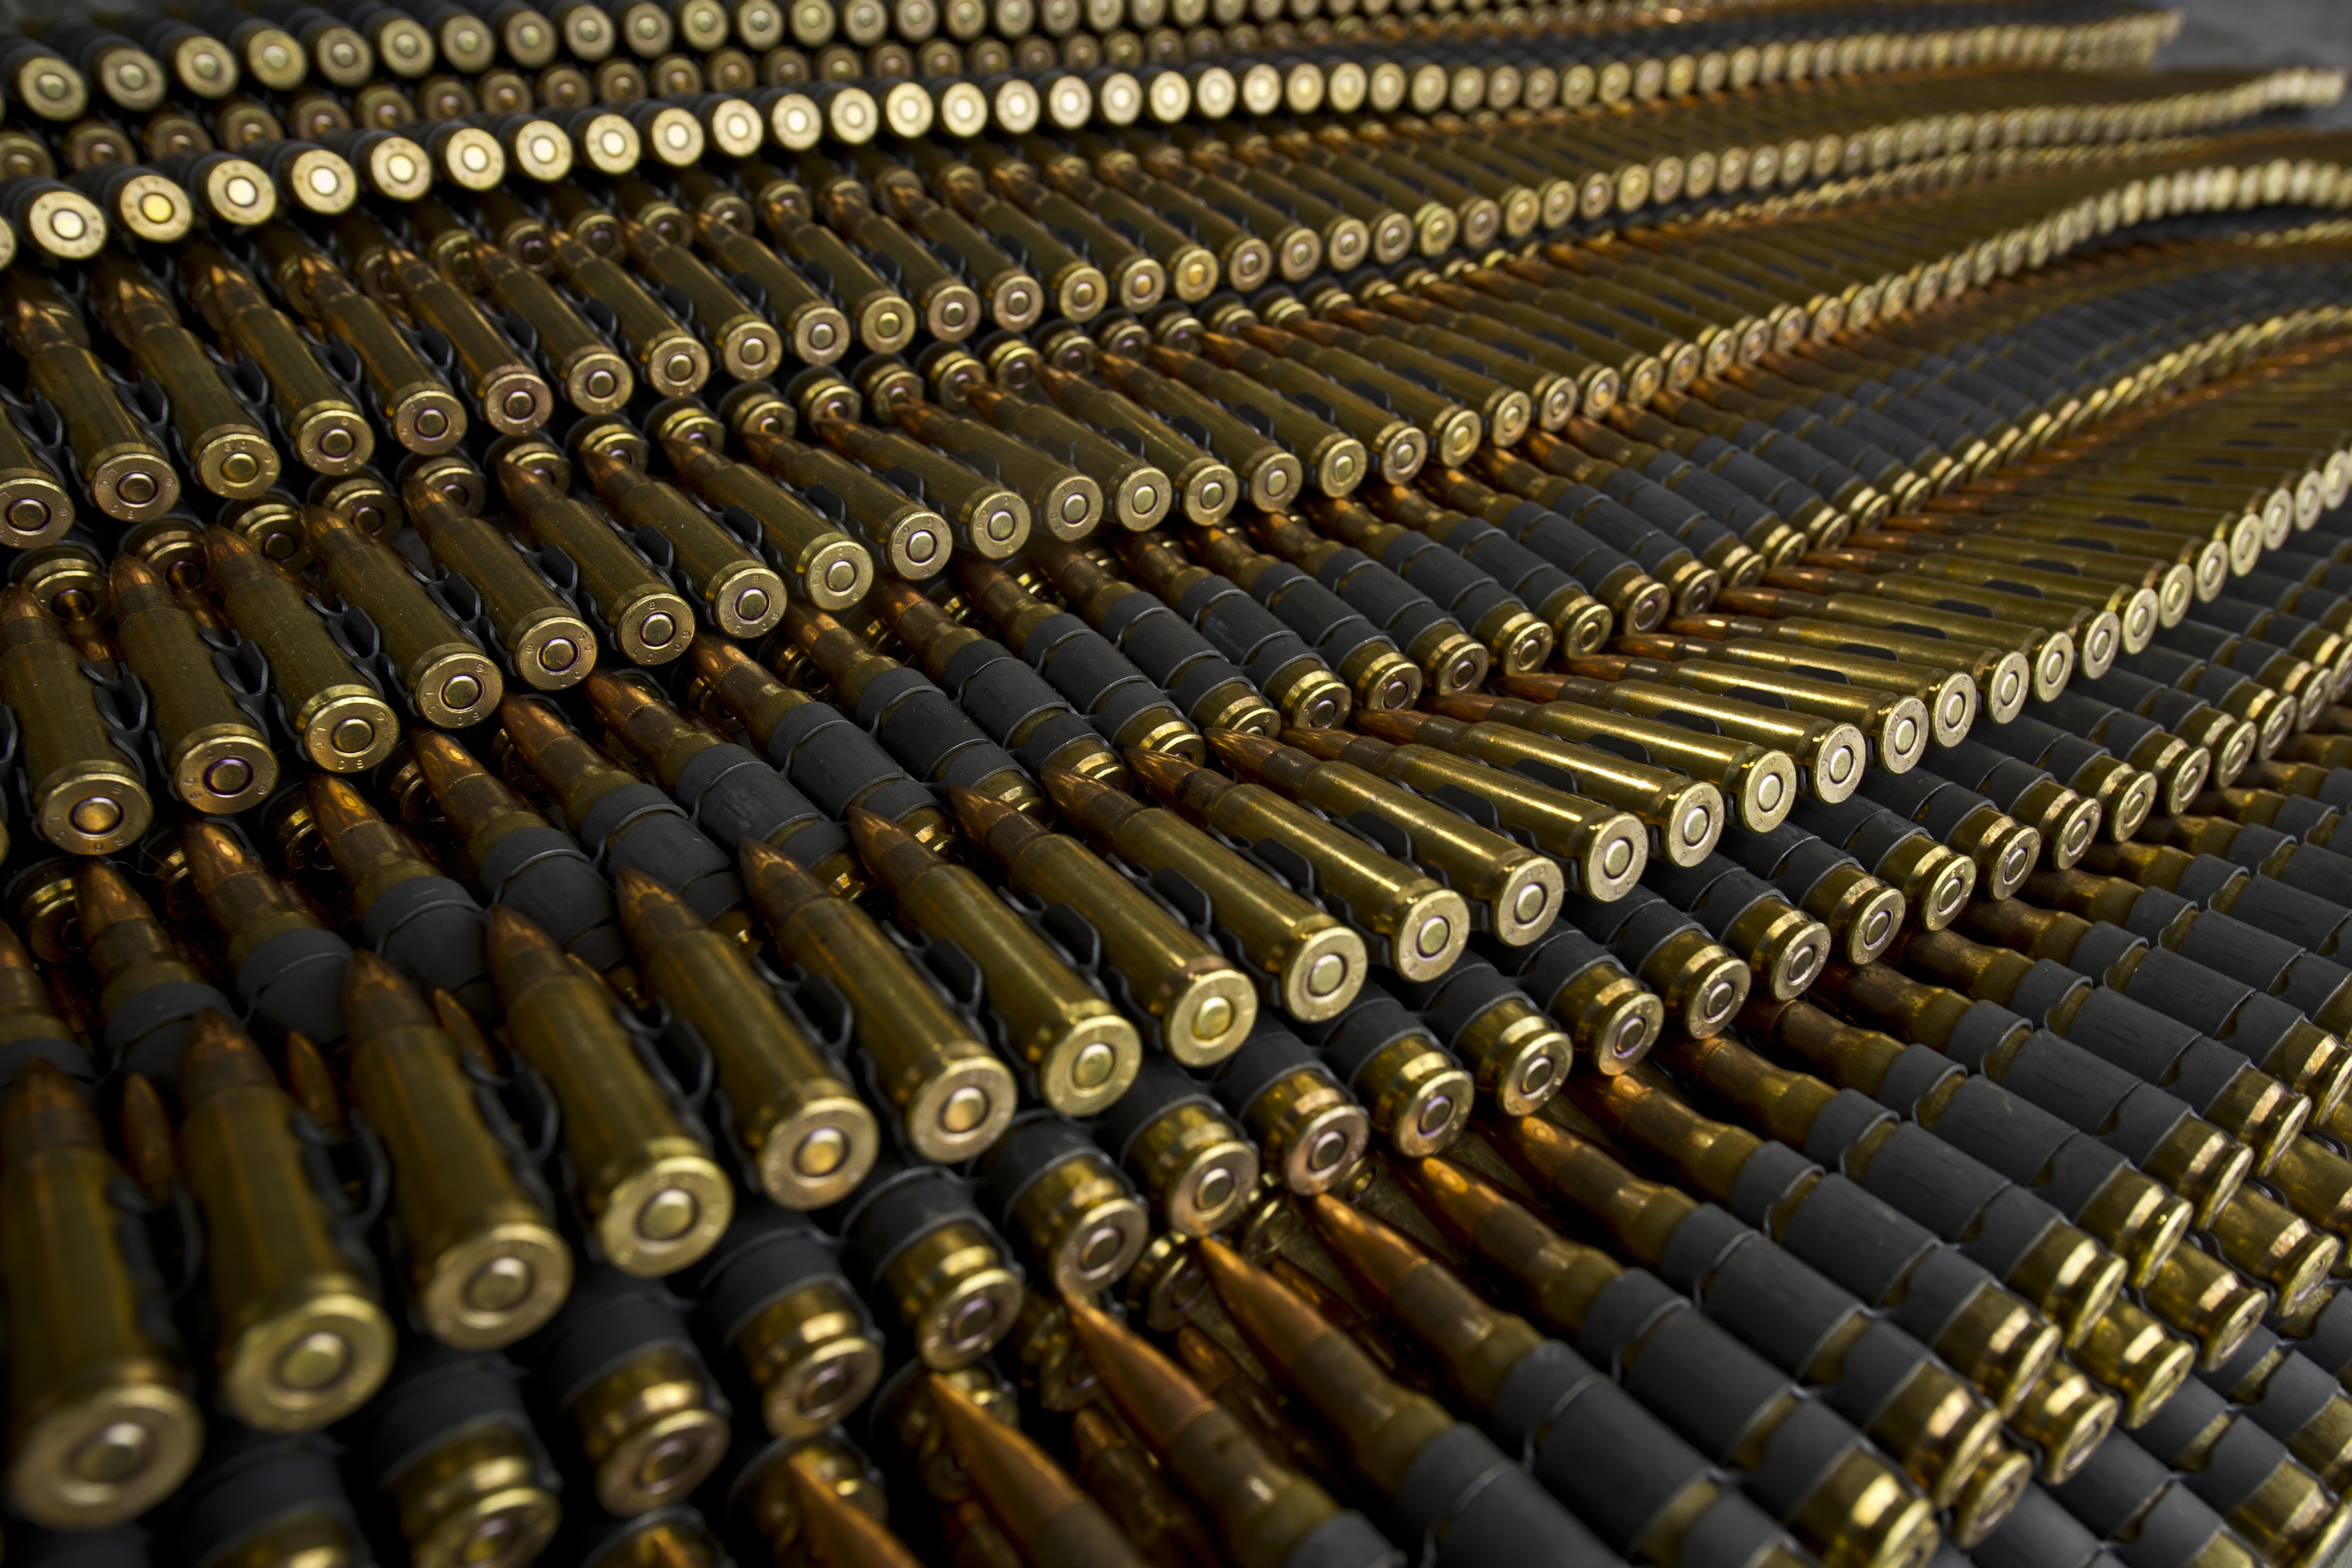 Lőszereket tárolt a padlásán egy csongrádi férfi